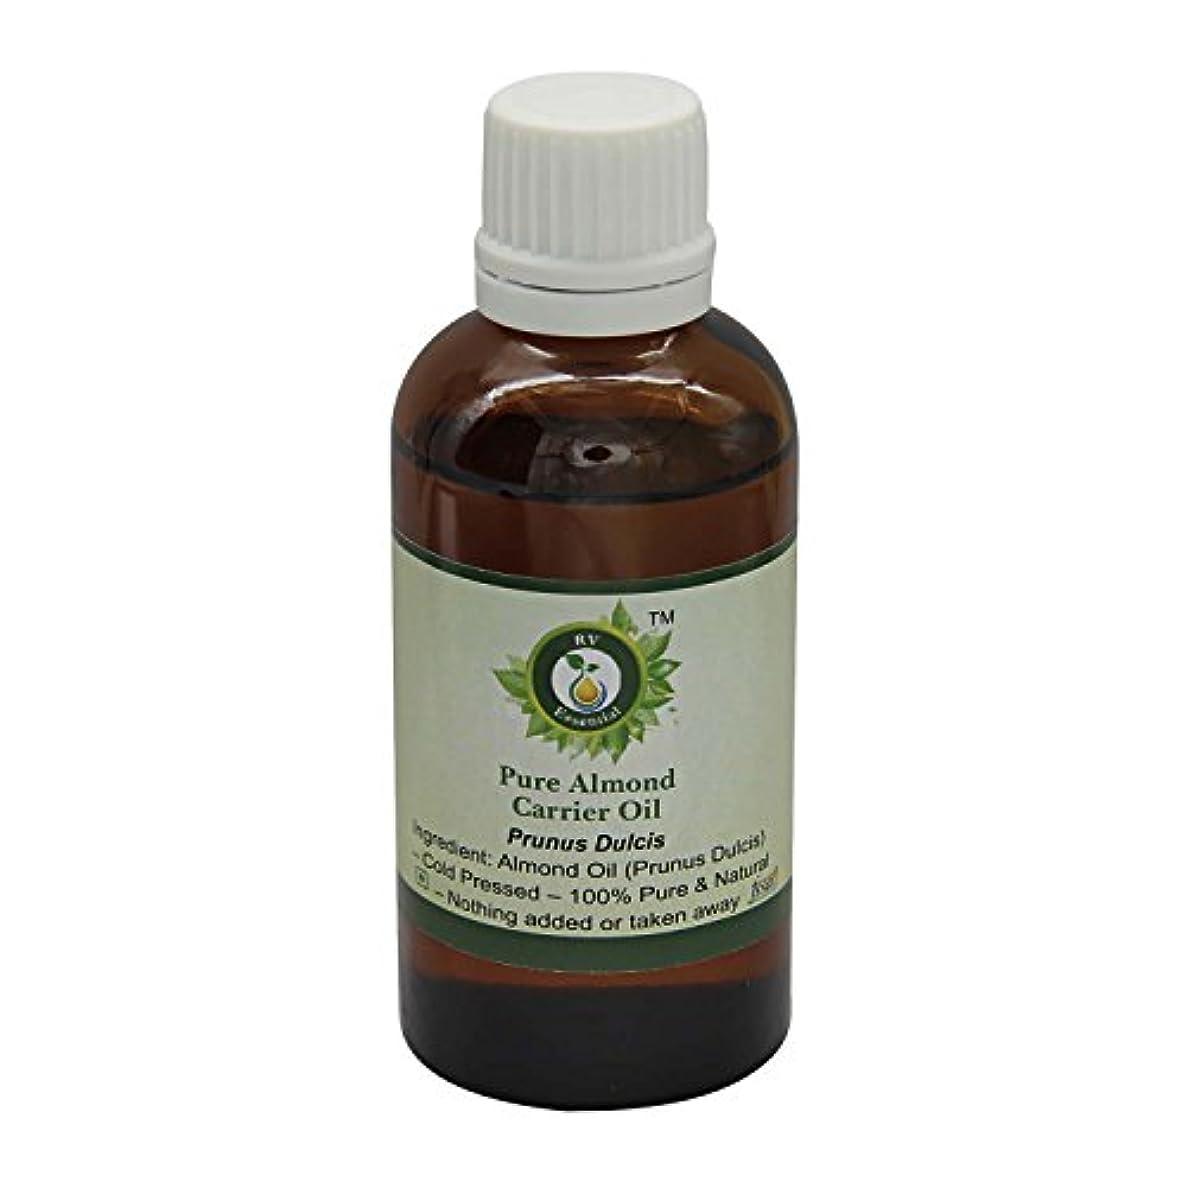 死んでいる断線憂慮すべきR V Essential 純粋なアーモンドキャリアオイル50ml (1.69oz)- Prunus Dulcis (100%ピュア&ナチュラルコールドPressed) Pure Almond Carrier Oil